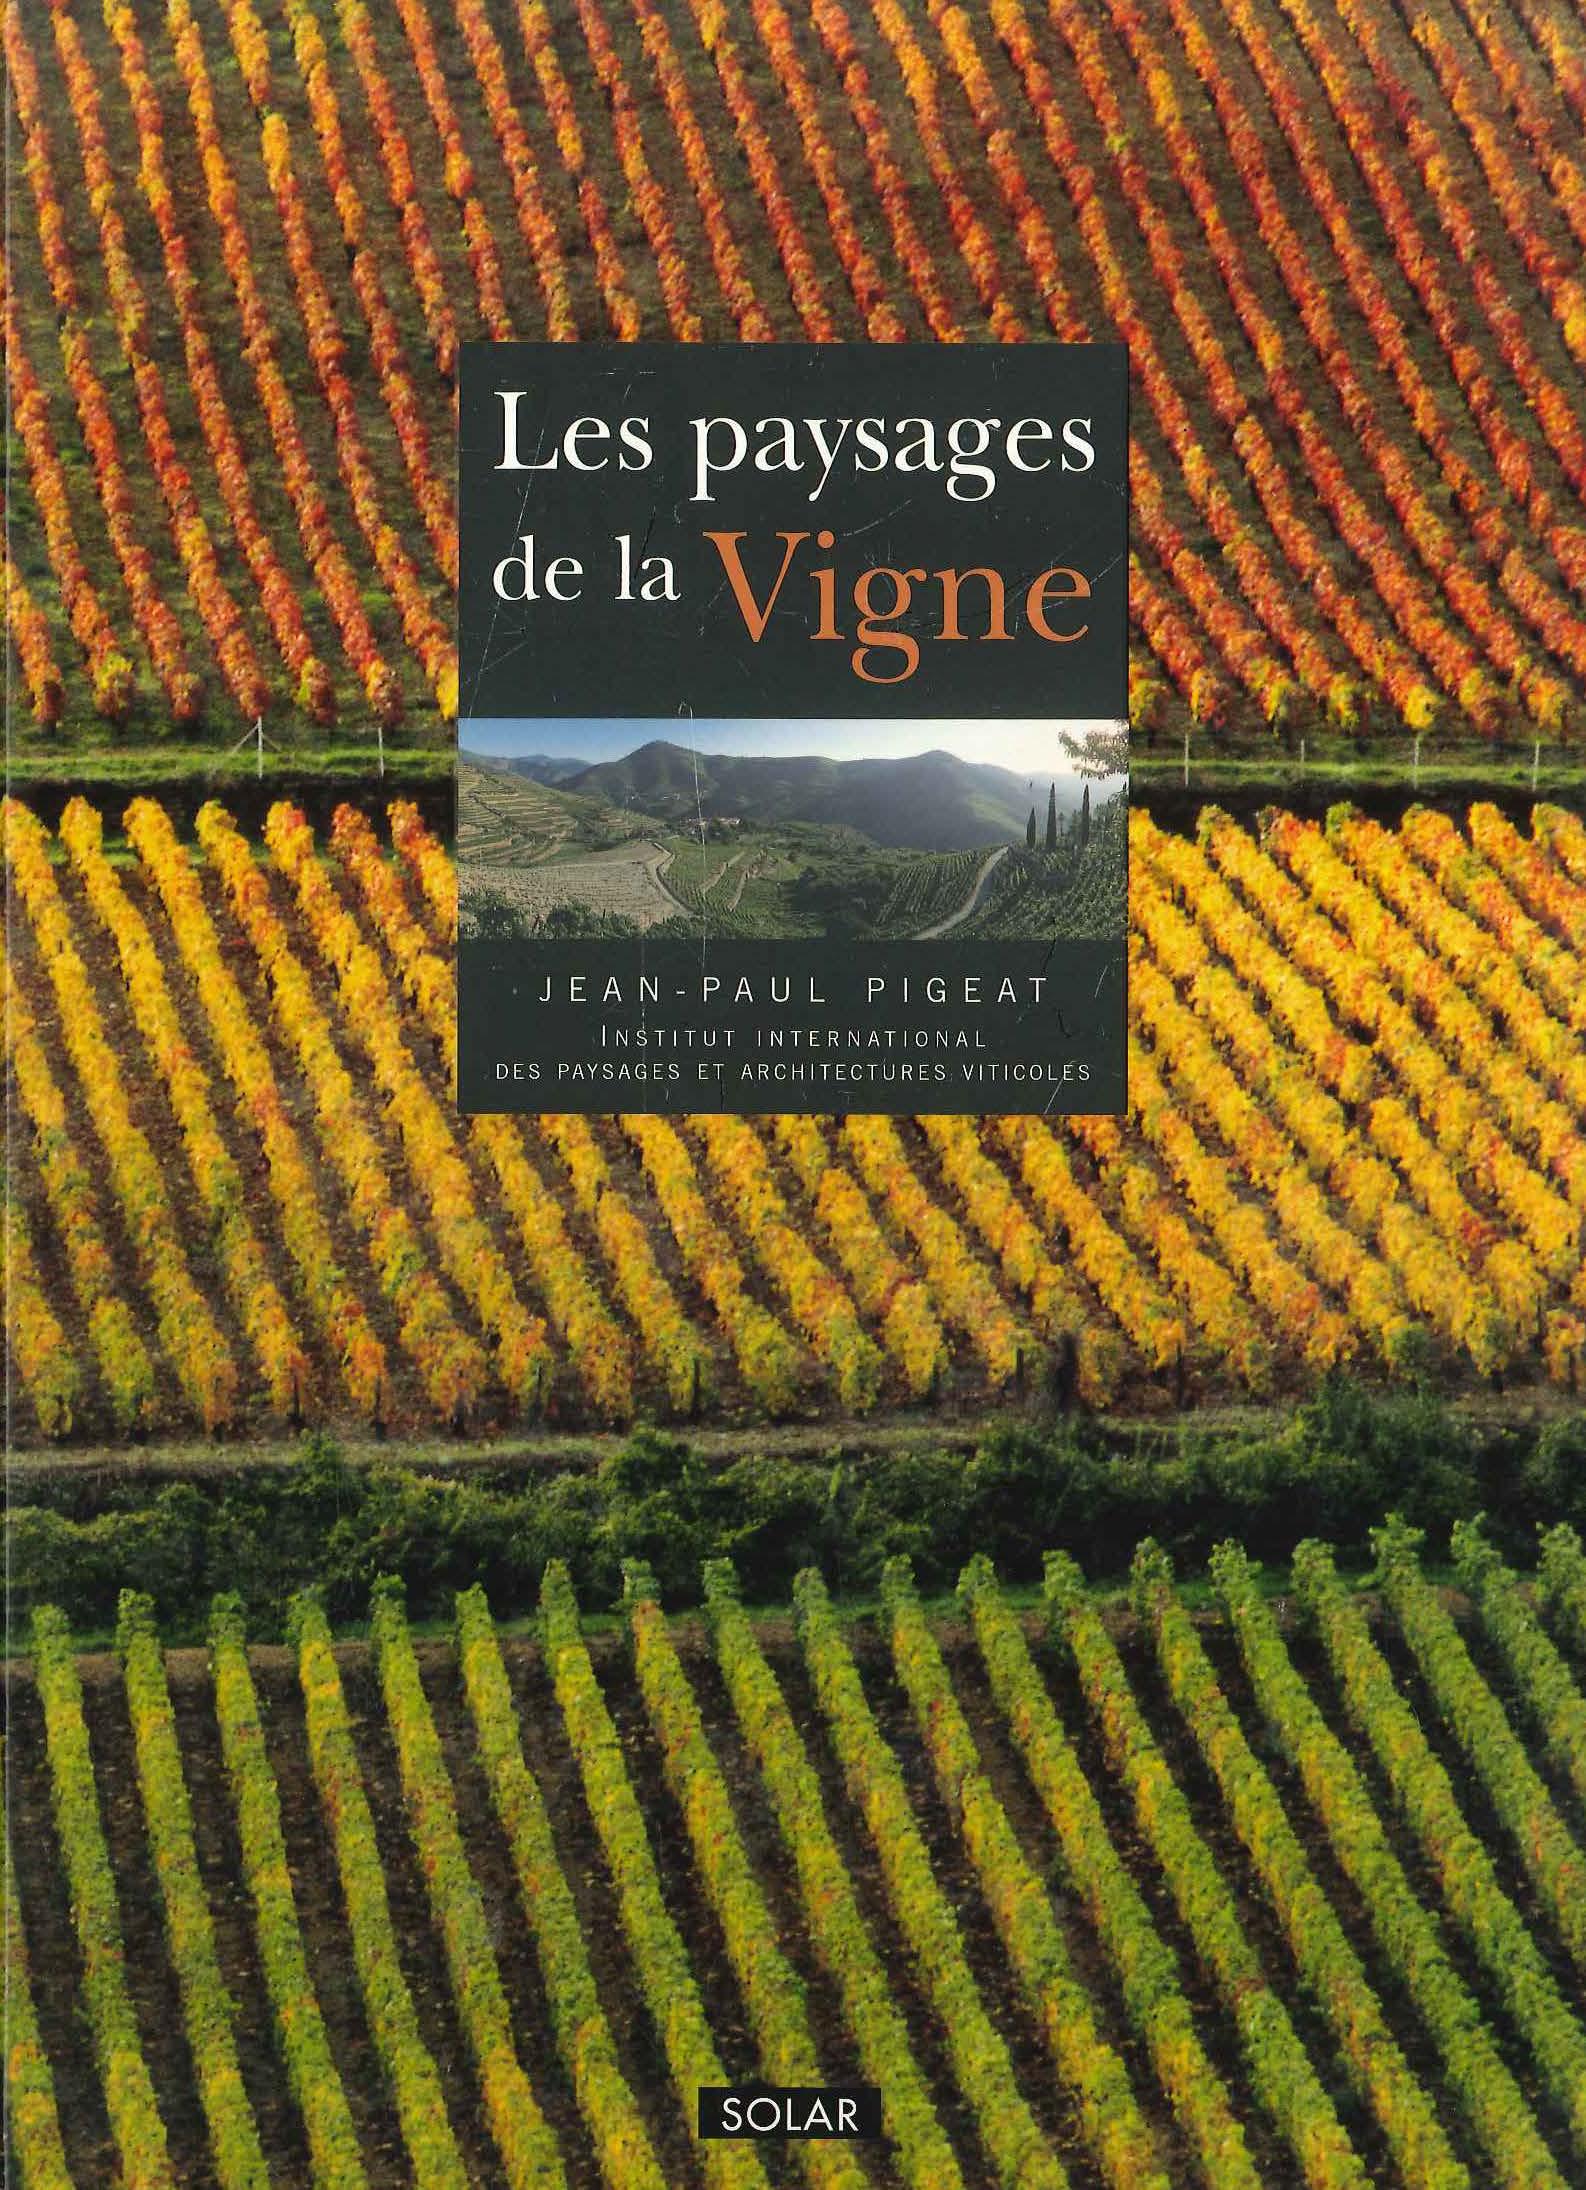 Les paysages de la vigne